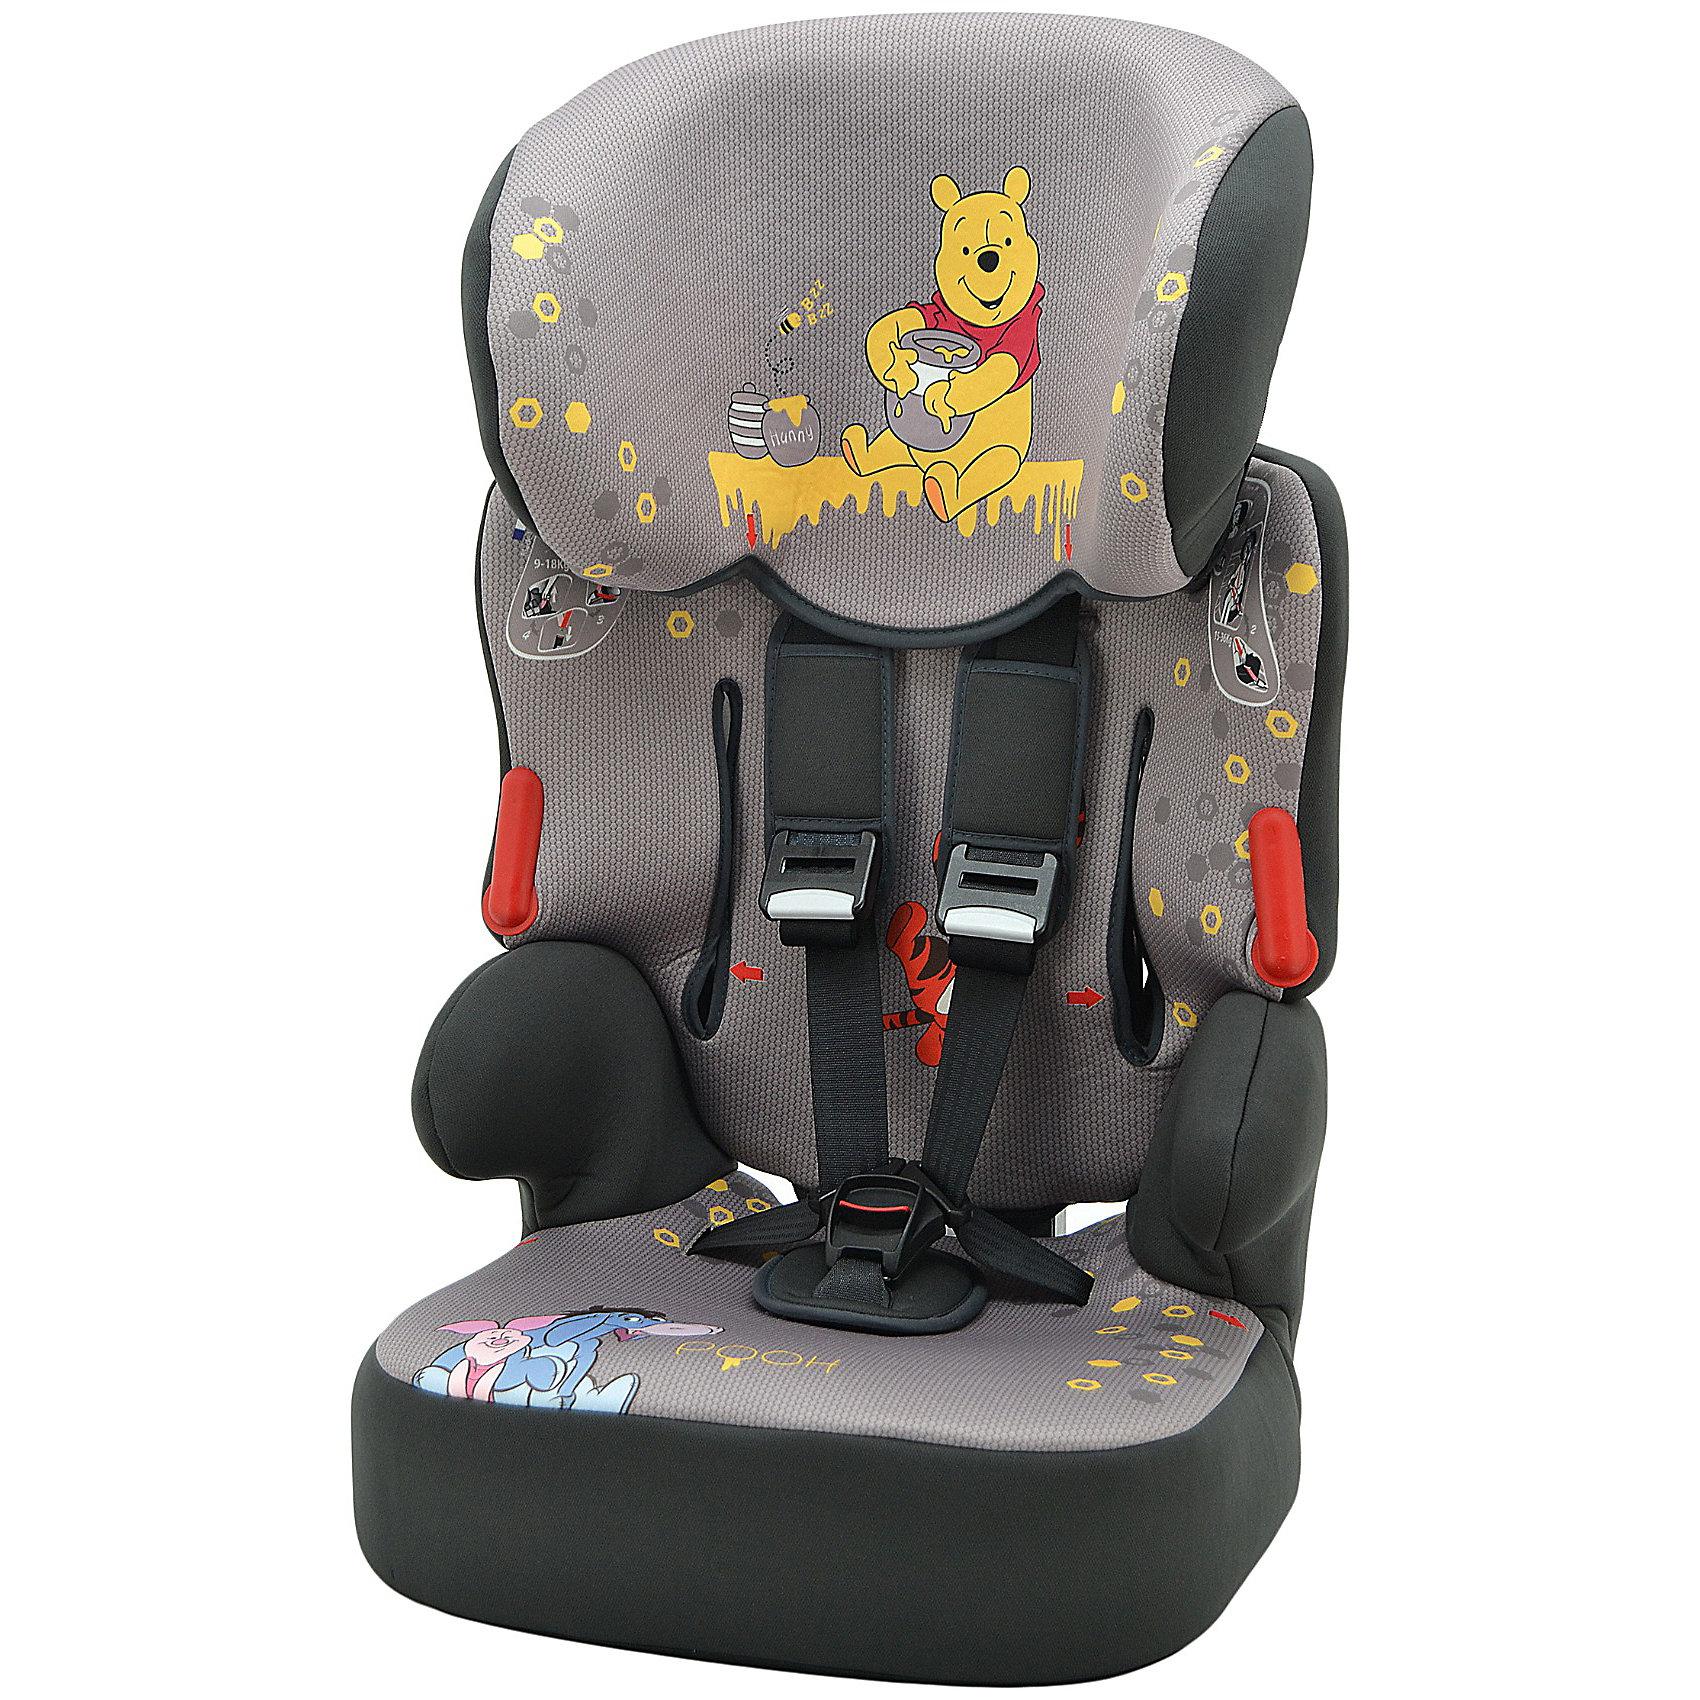 Автокресло Beline SP, 9-36 кг., Винни Пух,  NaniaУниверсальное автокресло Nania Beline Sp (Наниа) уникально тем, что растет вместе с малышом и предназначено для перевозки детей от 9 месяцев до 12 лет (9-36 кг). Мягкая обивка и улучшенный дизайн выгодно отличают автокресло Nania Beline Sp (Наниа). <br>Регулируемый подголовник имеет 6 положений по высоте, обеспечивая непревзойденный комфорт в пути. Автокресло имеет оптимальную защиту SP – Side Protection от боковых столкновений, соответствует европейским и мировым стандартам безопасности. Во время поездки ребенок до 4-х лет пристегивается внутренними ремнями безопасности. Для удобства посадки лямки фиксируются специальным зажимом, который прикреплен шнурком к спинке автокресла. Дети весом больше 18 кг удерживаются в кресле с помощью автомобильных ремней. <br>В зависимости от возраста ребенка кресло используется со спинкой или без. Бустер подходит для перевозки детей старше 6 лет. Малыш полюбит путешествия в кресле, ведь его дизайн выполнен в стиле замечательного мультфильма про Винни Пуха. <br><br>Дополнительная информация:<br><br>- Группа: 1/2/3 (9-36)кг (приблизительно от года до 12 лет);<br>- Соответствует Европейскому Стандарту ЕСЕ R44/04; <br>- Состоит из двух частей: съемная спинка и бустер;<br>- Подголовник кресла регулируется в шести разных положениях по высоте;<br>- Усиленная боковая защита SP (Side Protection), защита от боковых ударов;<br>- Пятиточечные внутренние регулируемые ремни безопасности с мягкими накладками;<br>- Анатомически правильно сформированное сидение с мягкой подкладкой;<br>- Съемные чехлы (возможна ручная стирка при температуре 30°);<br>- Уникальный дизайн в стиле мультфильма про Винни Пуха;<br>- Цвет: серый;<br>- Размеры: 47 х 44 х 79 см;<br>- Вес: 4,7 кг.<br><br>Автокресло Beline SP,  9-36 кг., Винни Пух, Nania (Наниа) можно купить  в нашем интернет-магазине.<br><br>Ширина мм: 500<br>Глубина мм: 450<br>Высота мм: 710<br>Вес г: 4550<br>Возраст от месяцев: 12<br>Возраст до месяцев: 144<br>